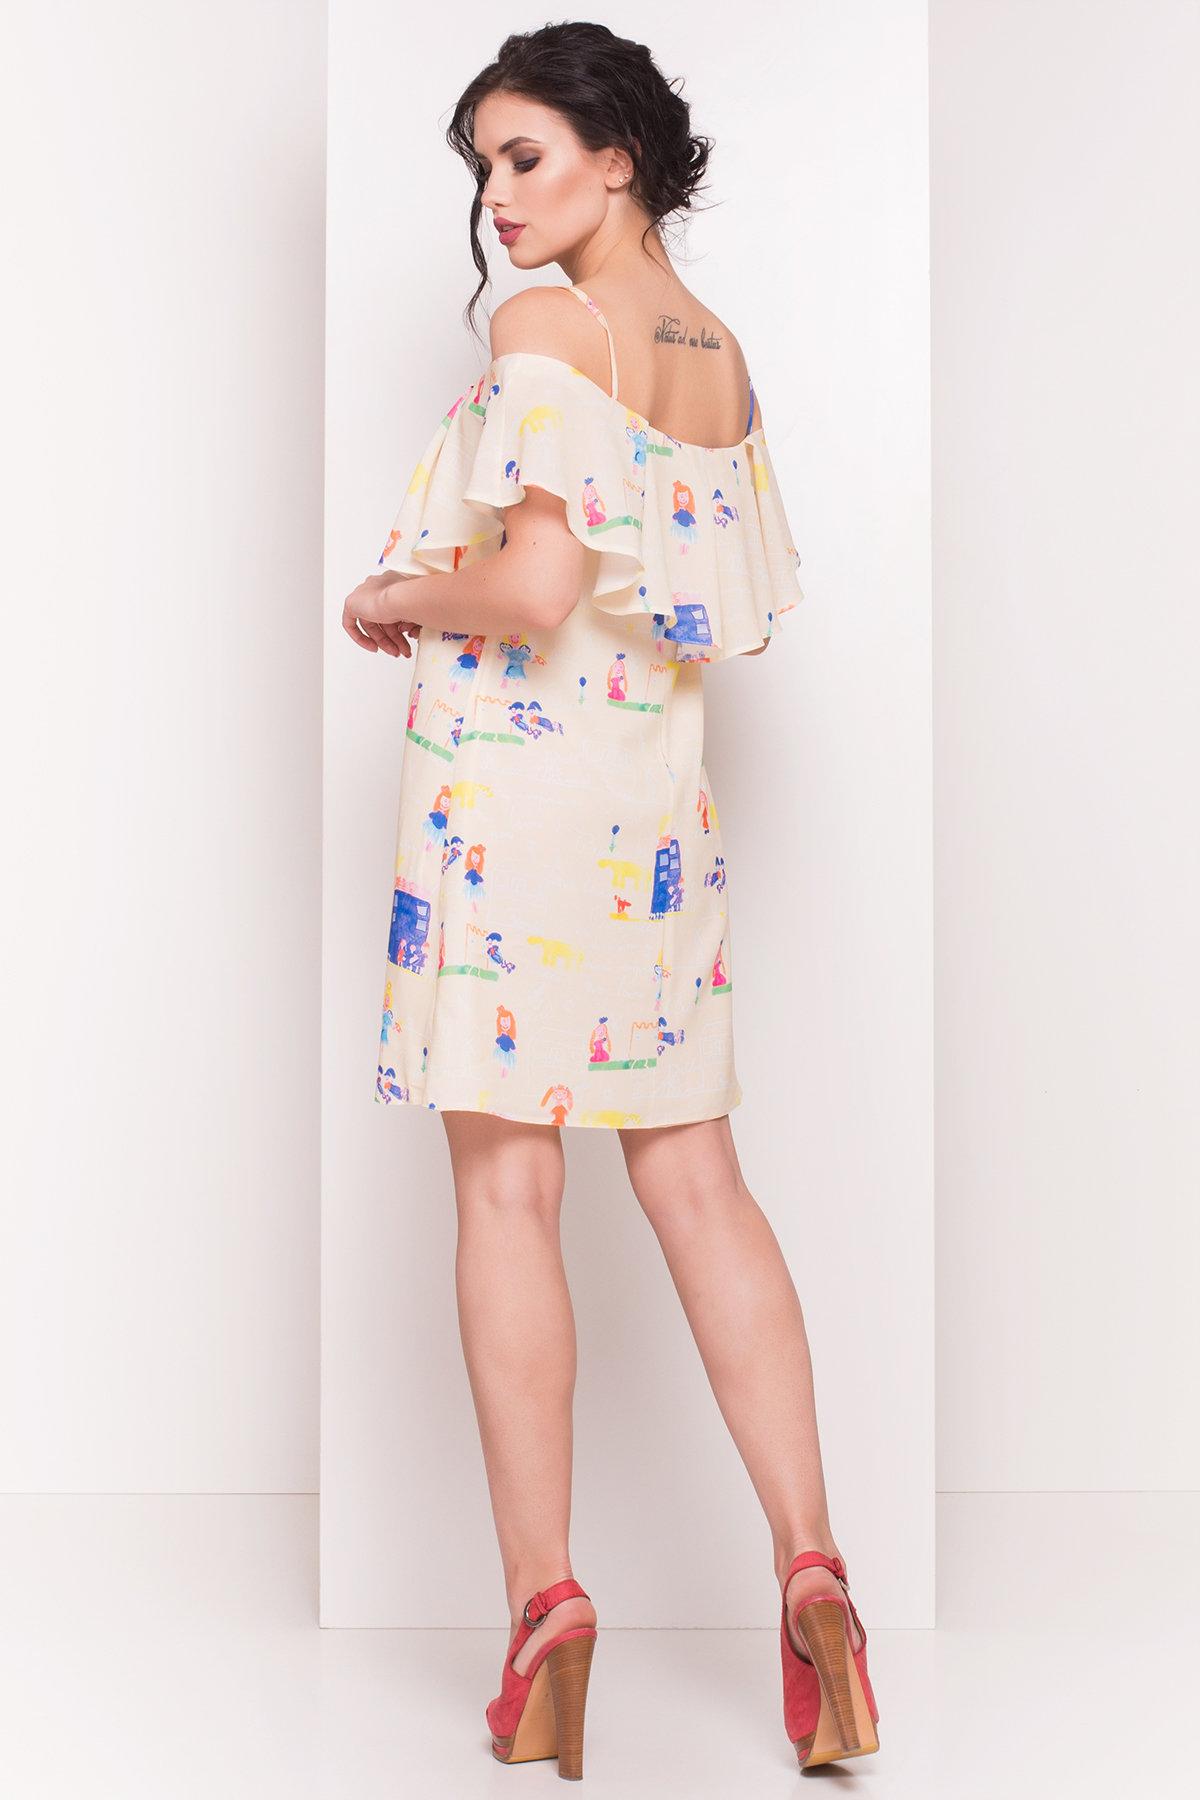 TW Платье Восток 5119 Цвет: Лимон/Детские рисунки 14/3